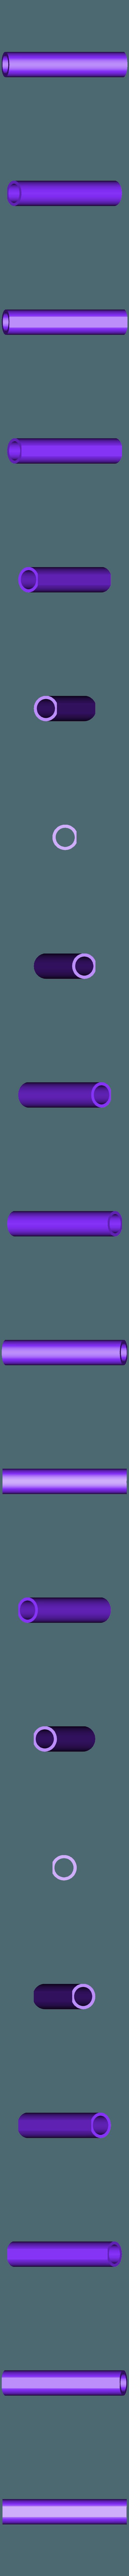 Barrell_Top.stl Télécharger fichier STL gratuit Borderlands Bandit Room Clener Shotgun • Modèle pour impression 3D, Dsk